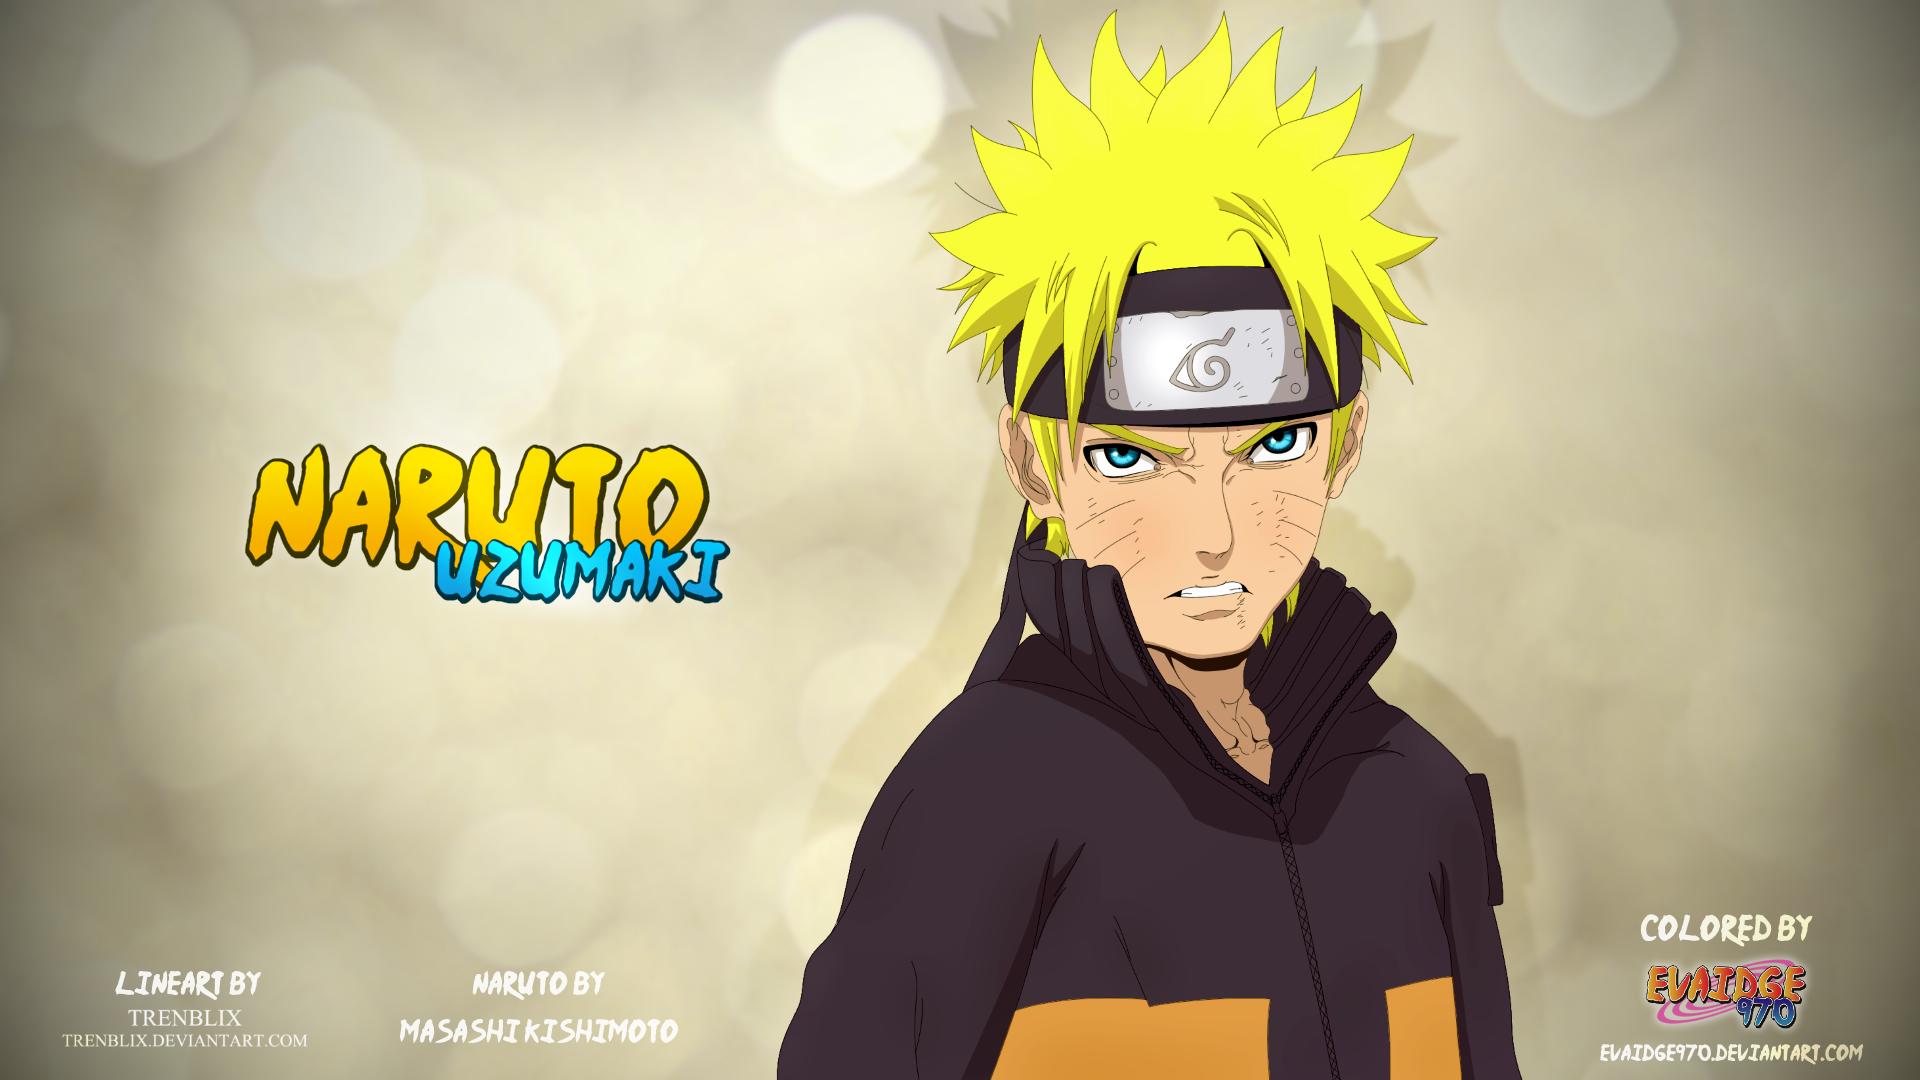 Sfondi illustrazione anime cartone animato ninja ninjas